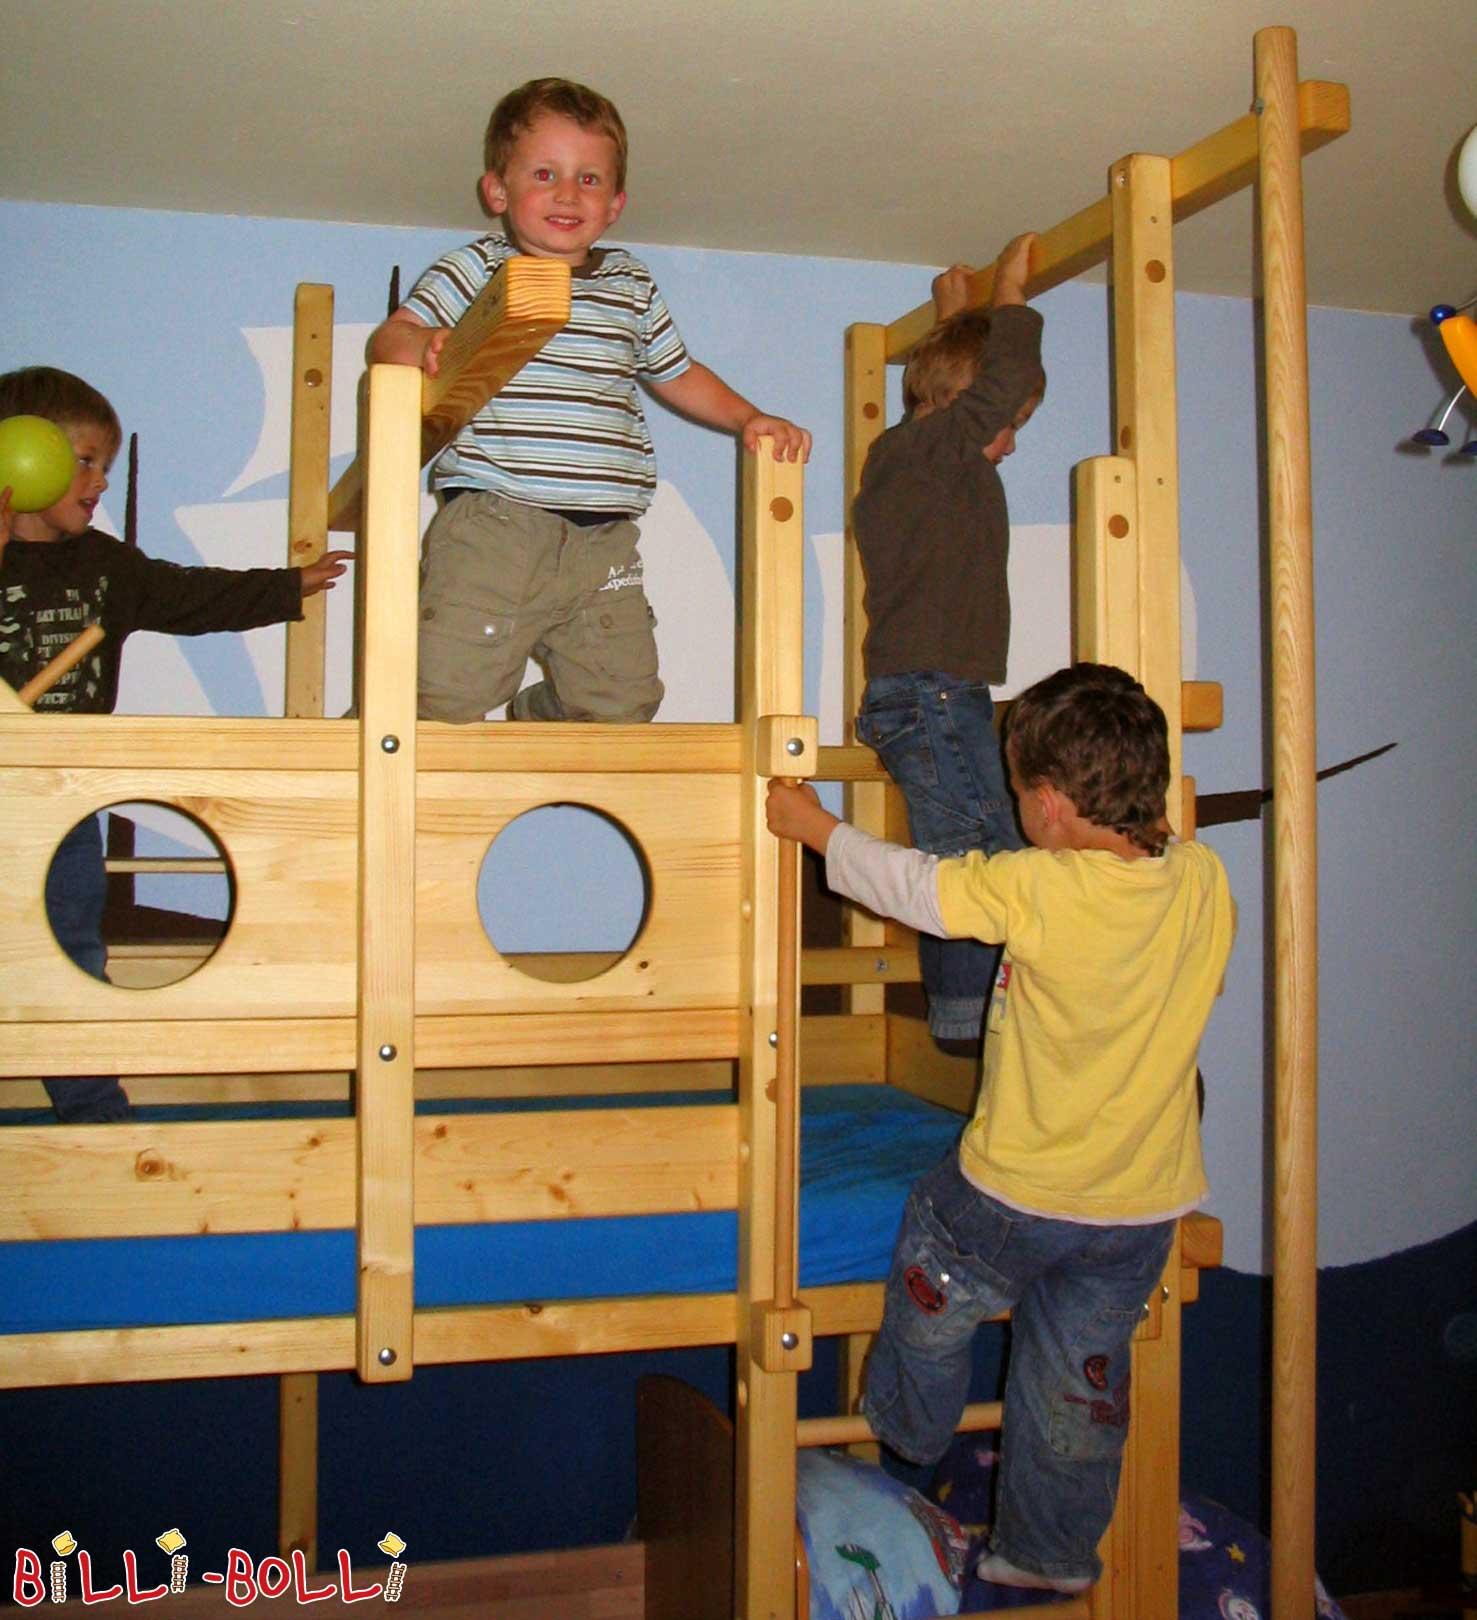 Rutschstange Für Hochbett zum klettern billi bolli kindermöbel